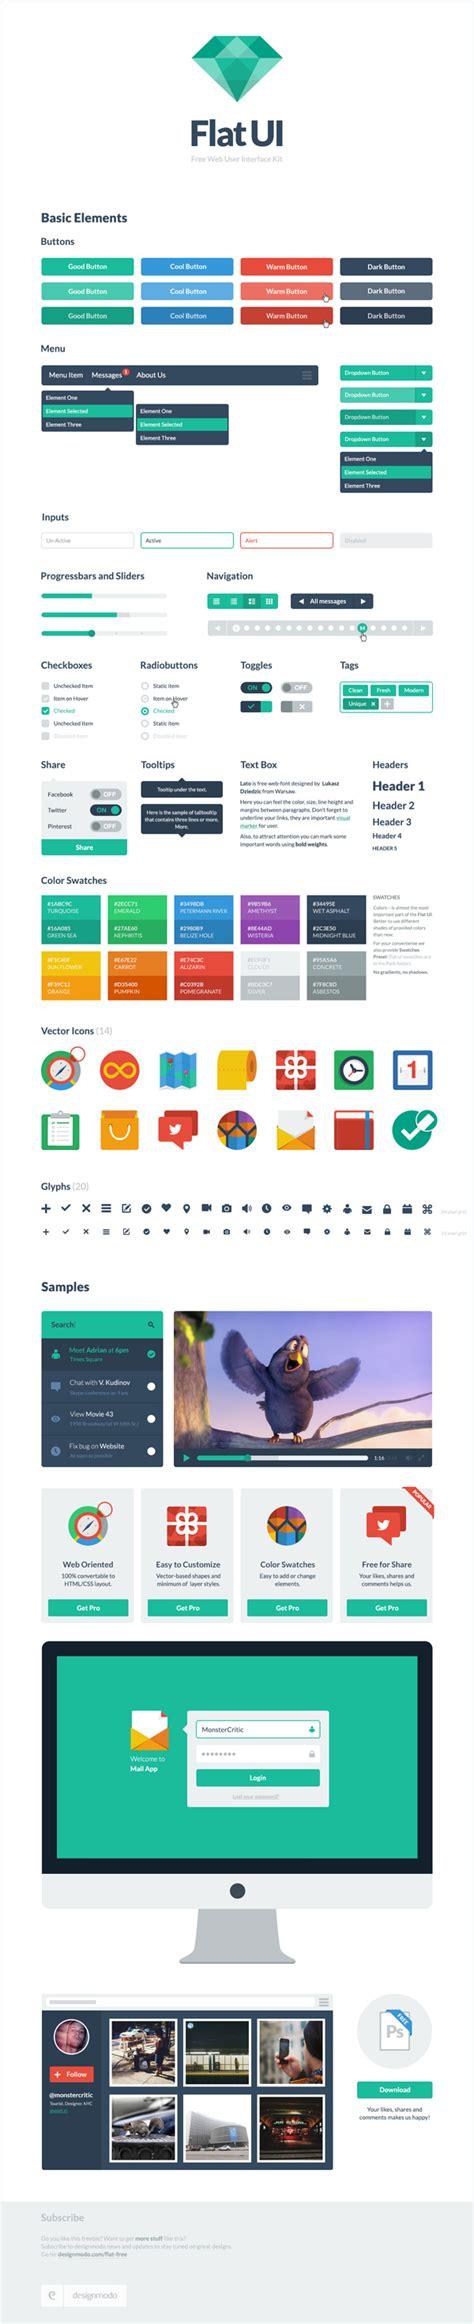 web layout ui kit flad design resources top 10 free flat ui design kits